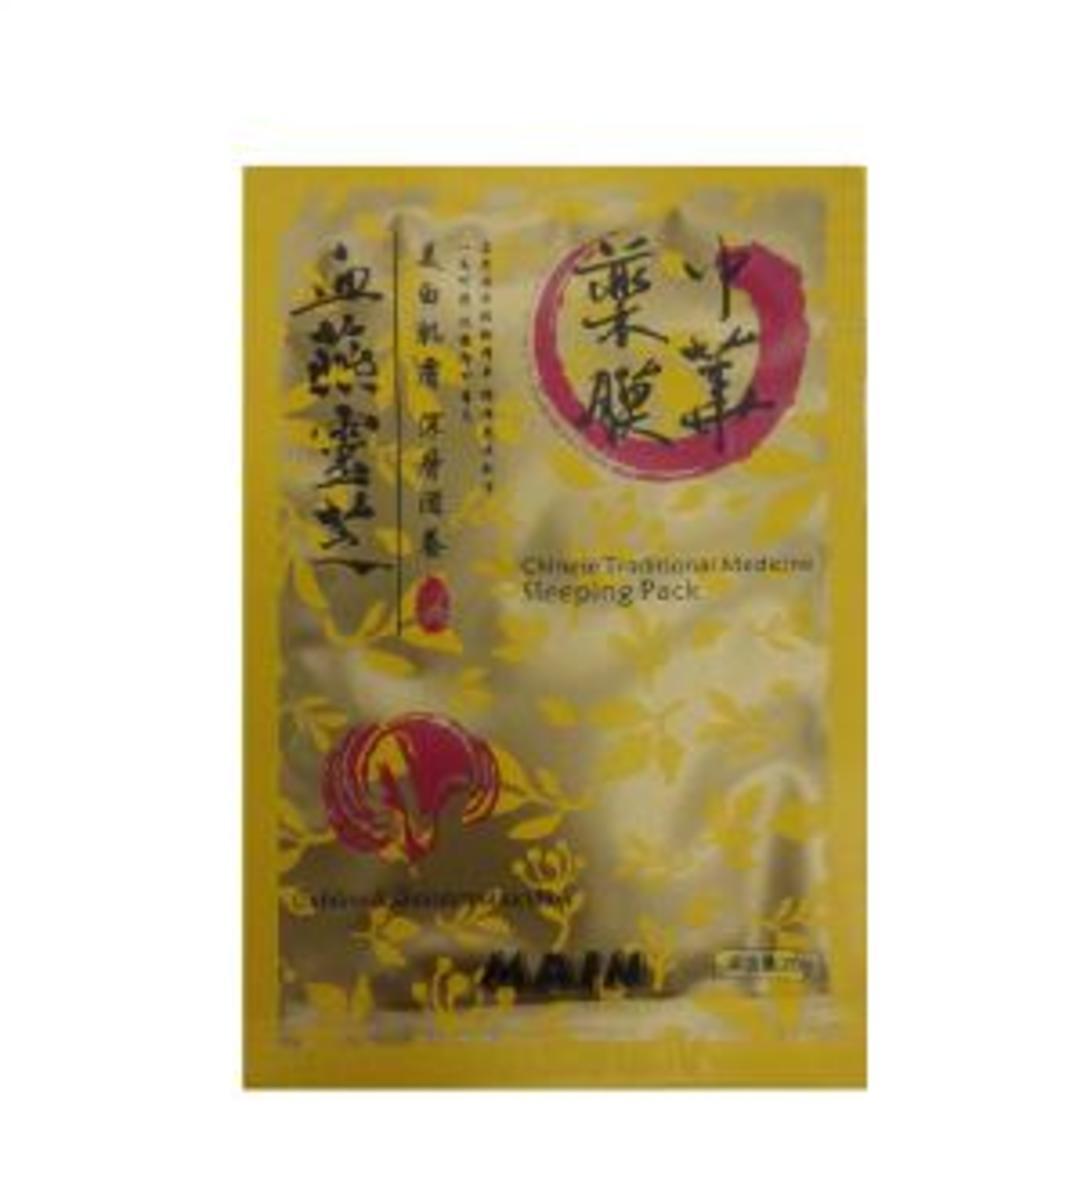 中華藥膜(血燕靈芝睡眠面膜 - 新版袋)  20g